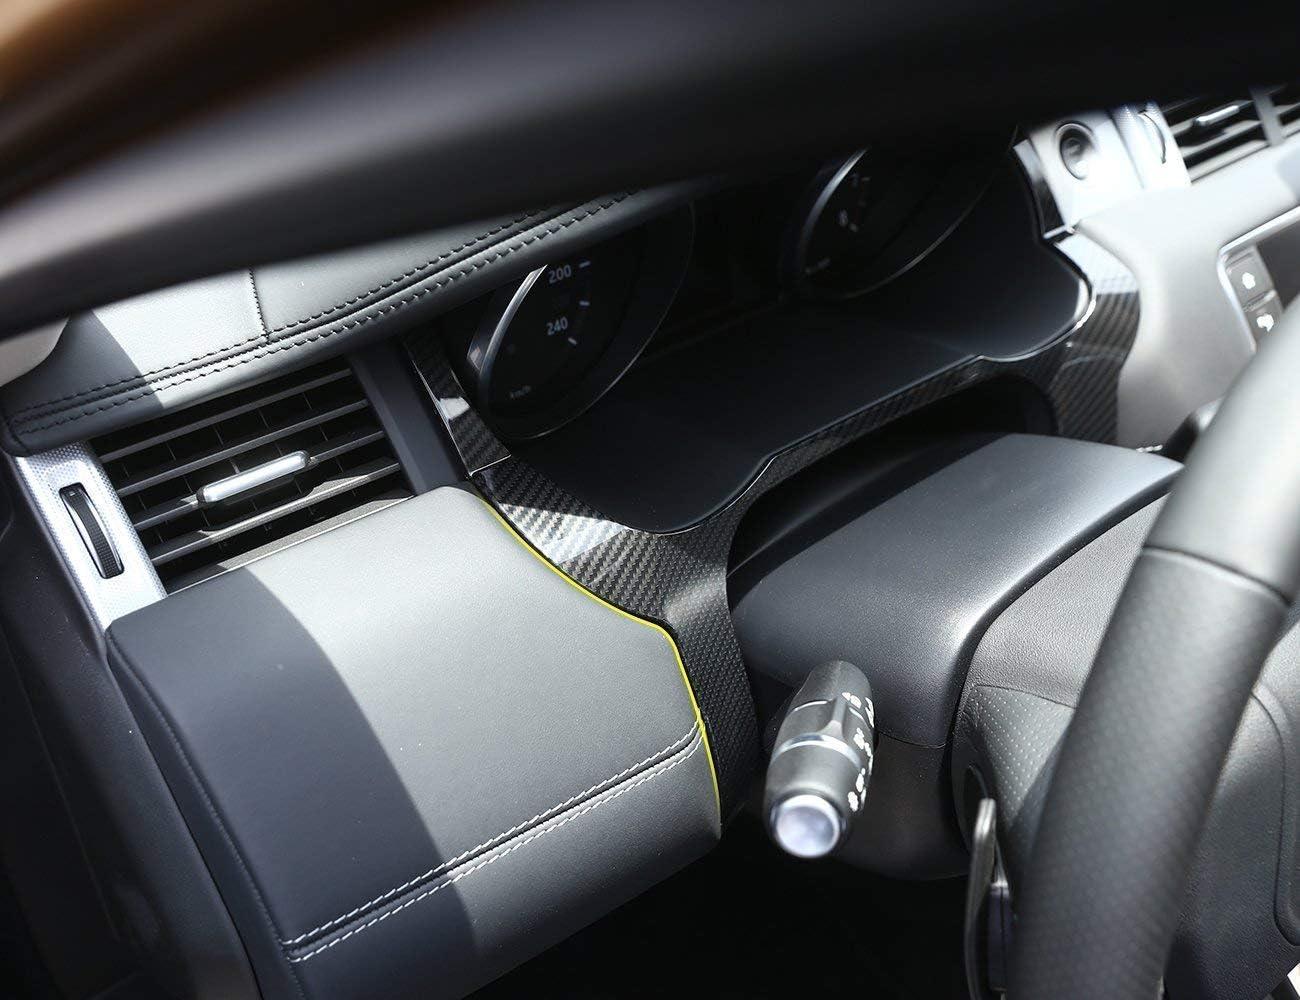 /2017 interno in fibra di carbonio Style ABS adesivo anteriore telaio cruscotto Edge cover Trim for Evoque 2012/ auto-broy guida a sinistra